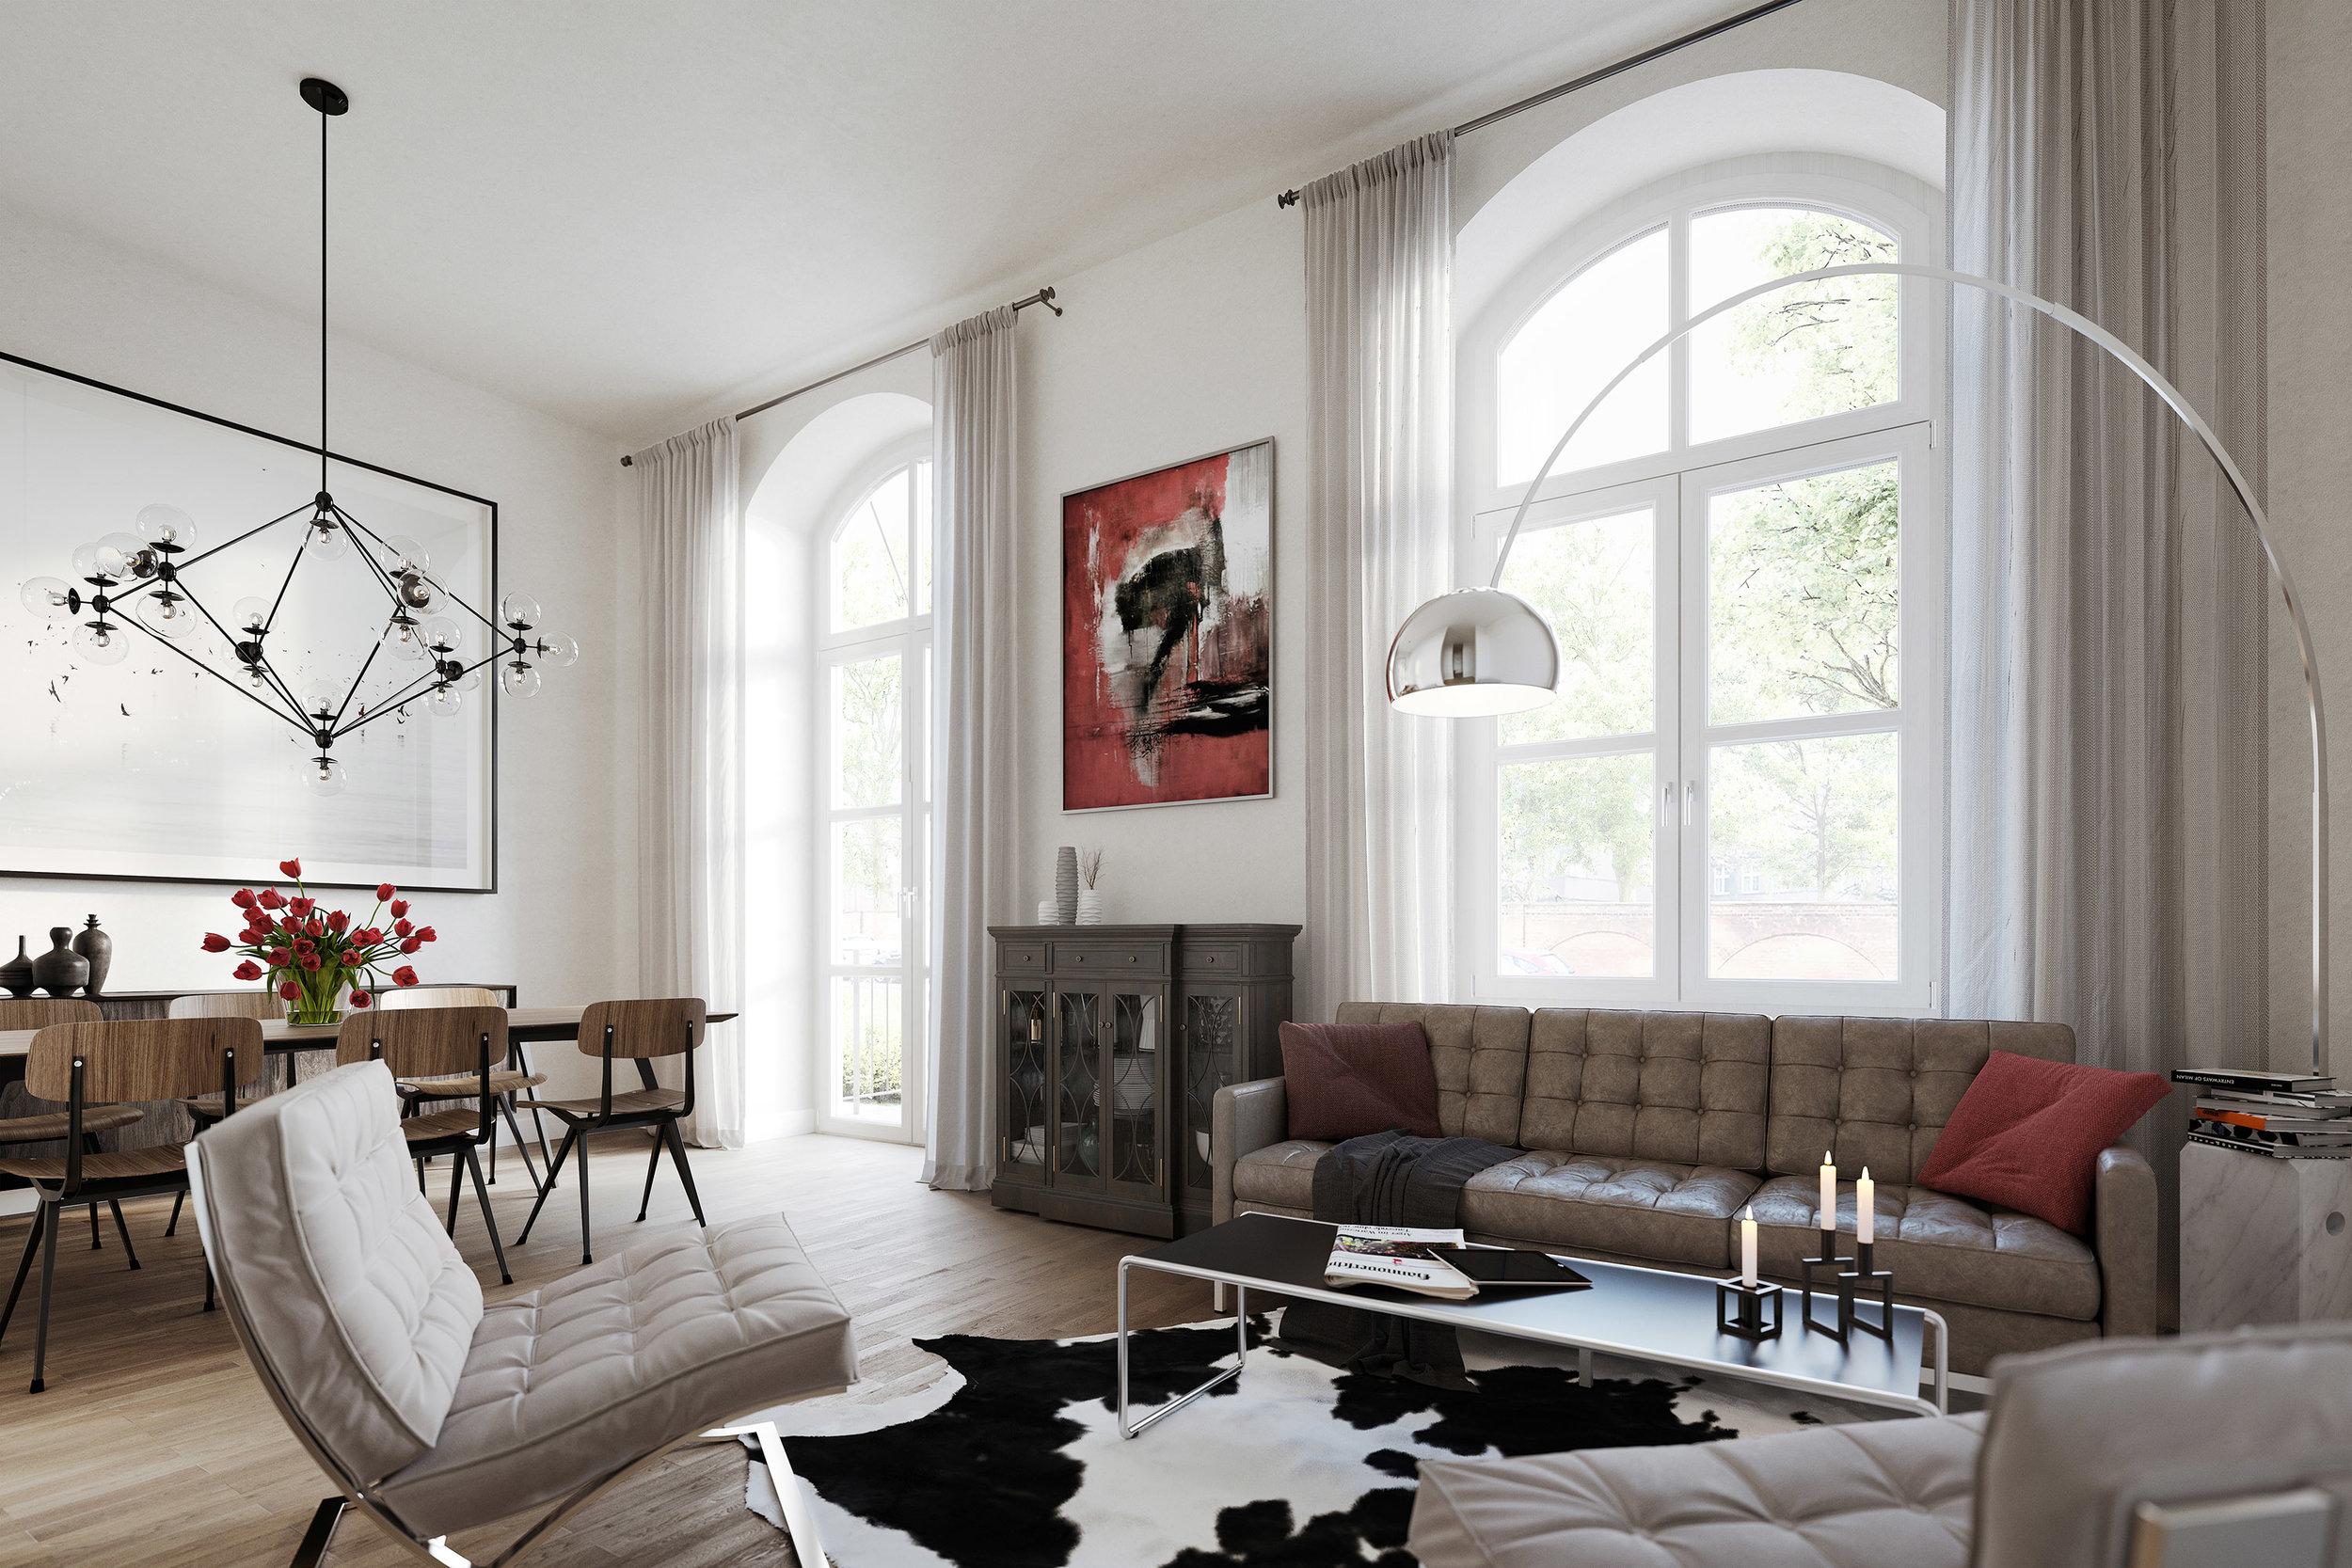 bpd - Landesfrauenklinik Hannover - 10-interiors_03-lfk_wohnen_01 - 11.jpg